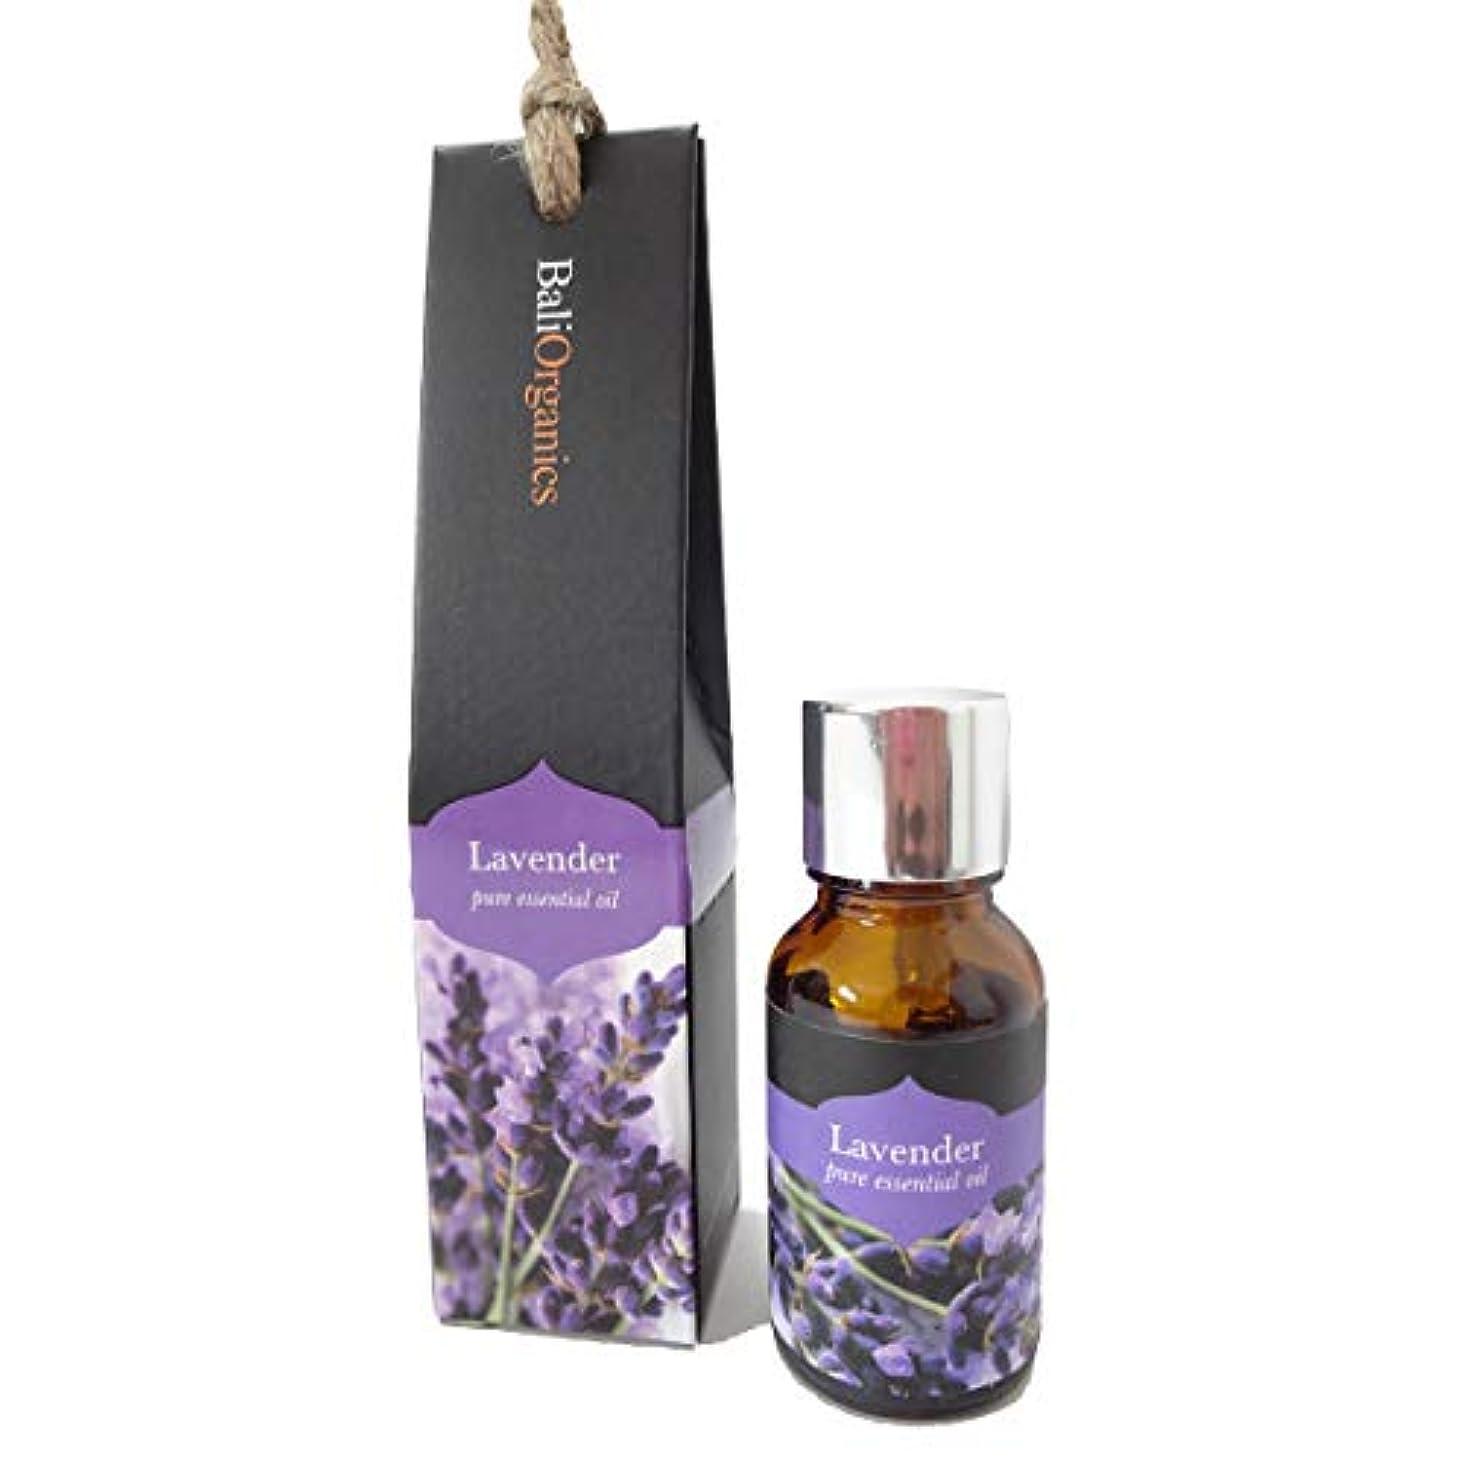 聖職者難民リーBali Organics バリオーガニック アロマ エッセンシャルオイル Lavender ラベンダー 15ml